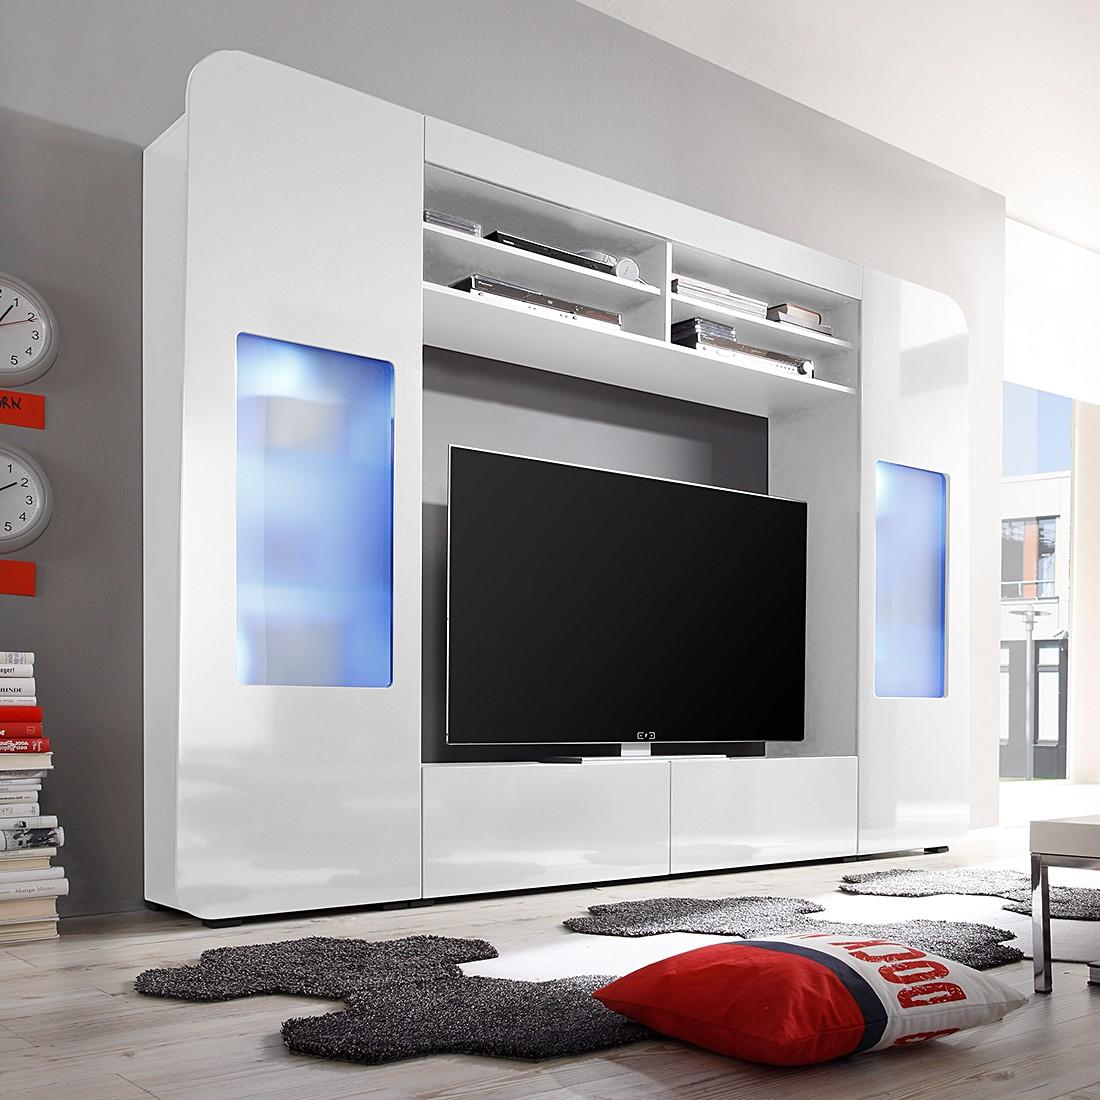 EEK A+, TV-Wand Tabby (inkl. Beleuchtung) – Hochglanz Weiß/Weiß, roomscape günstig